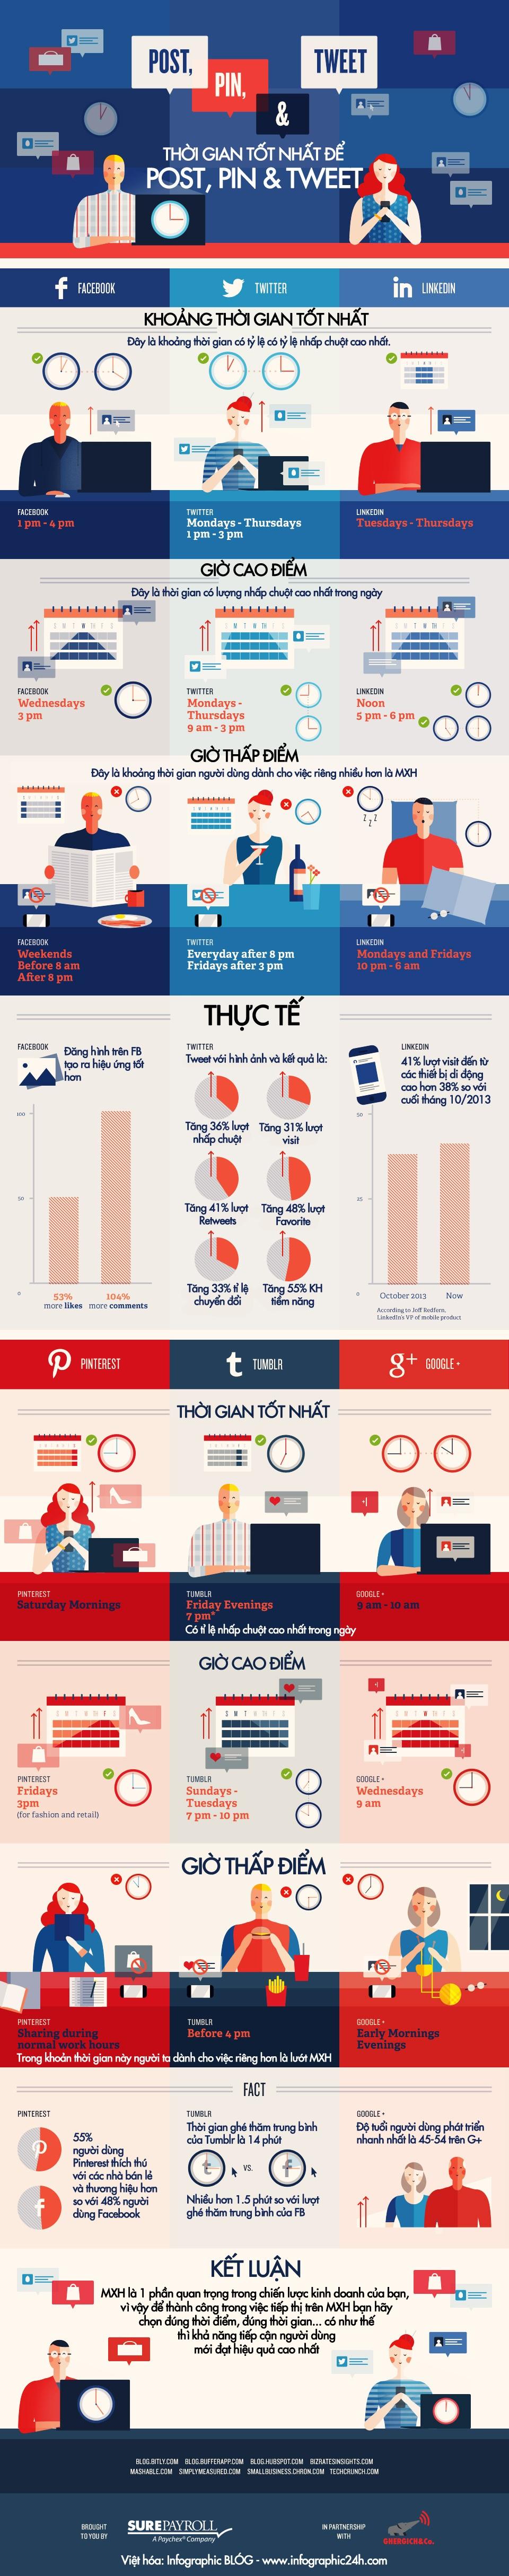 Infographic - Thời Gian Để Tiếp Cận Cộng Đồng MXH